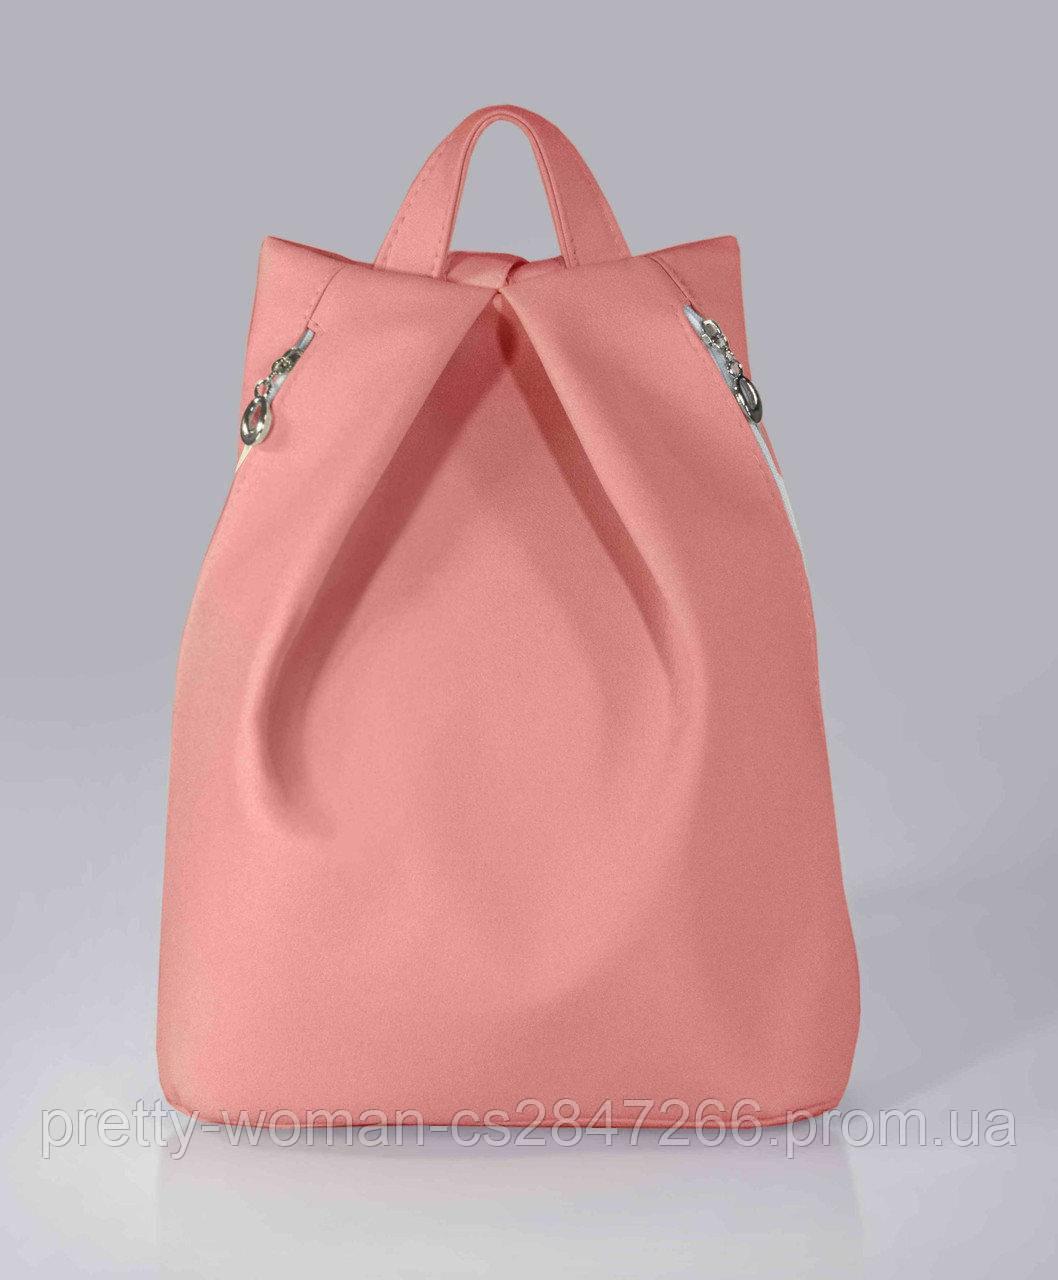 Стильний жіночий рюкзак колір пудра код 9-25